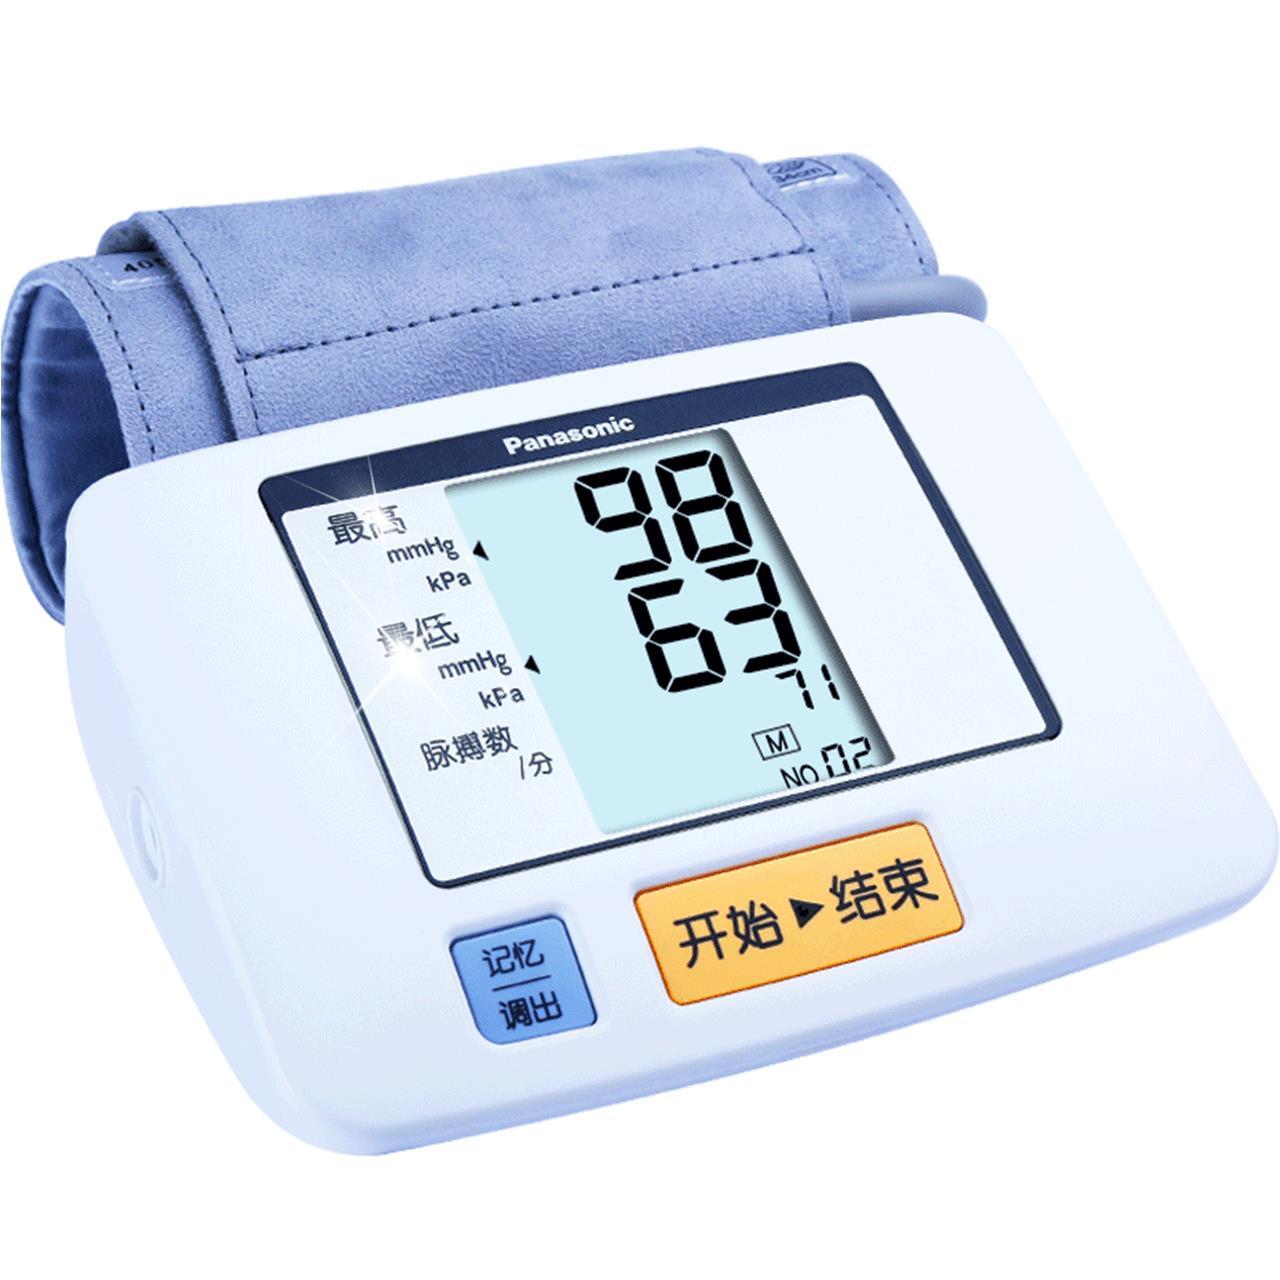 价比双11孝心送长辈# 松下 全自动血压仪 119元包邮(169-50券)